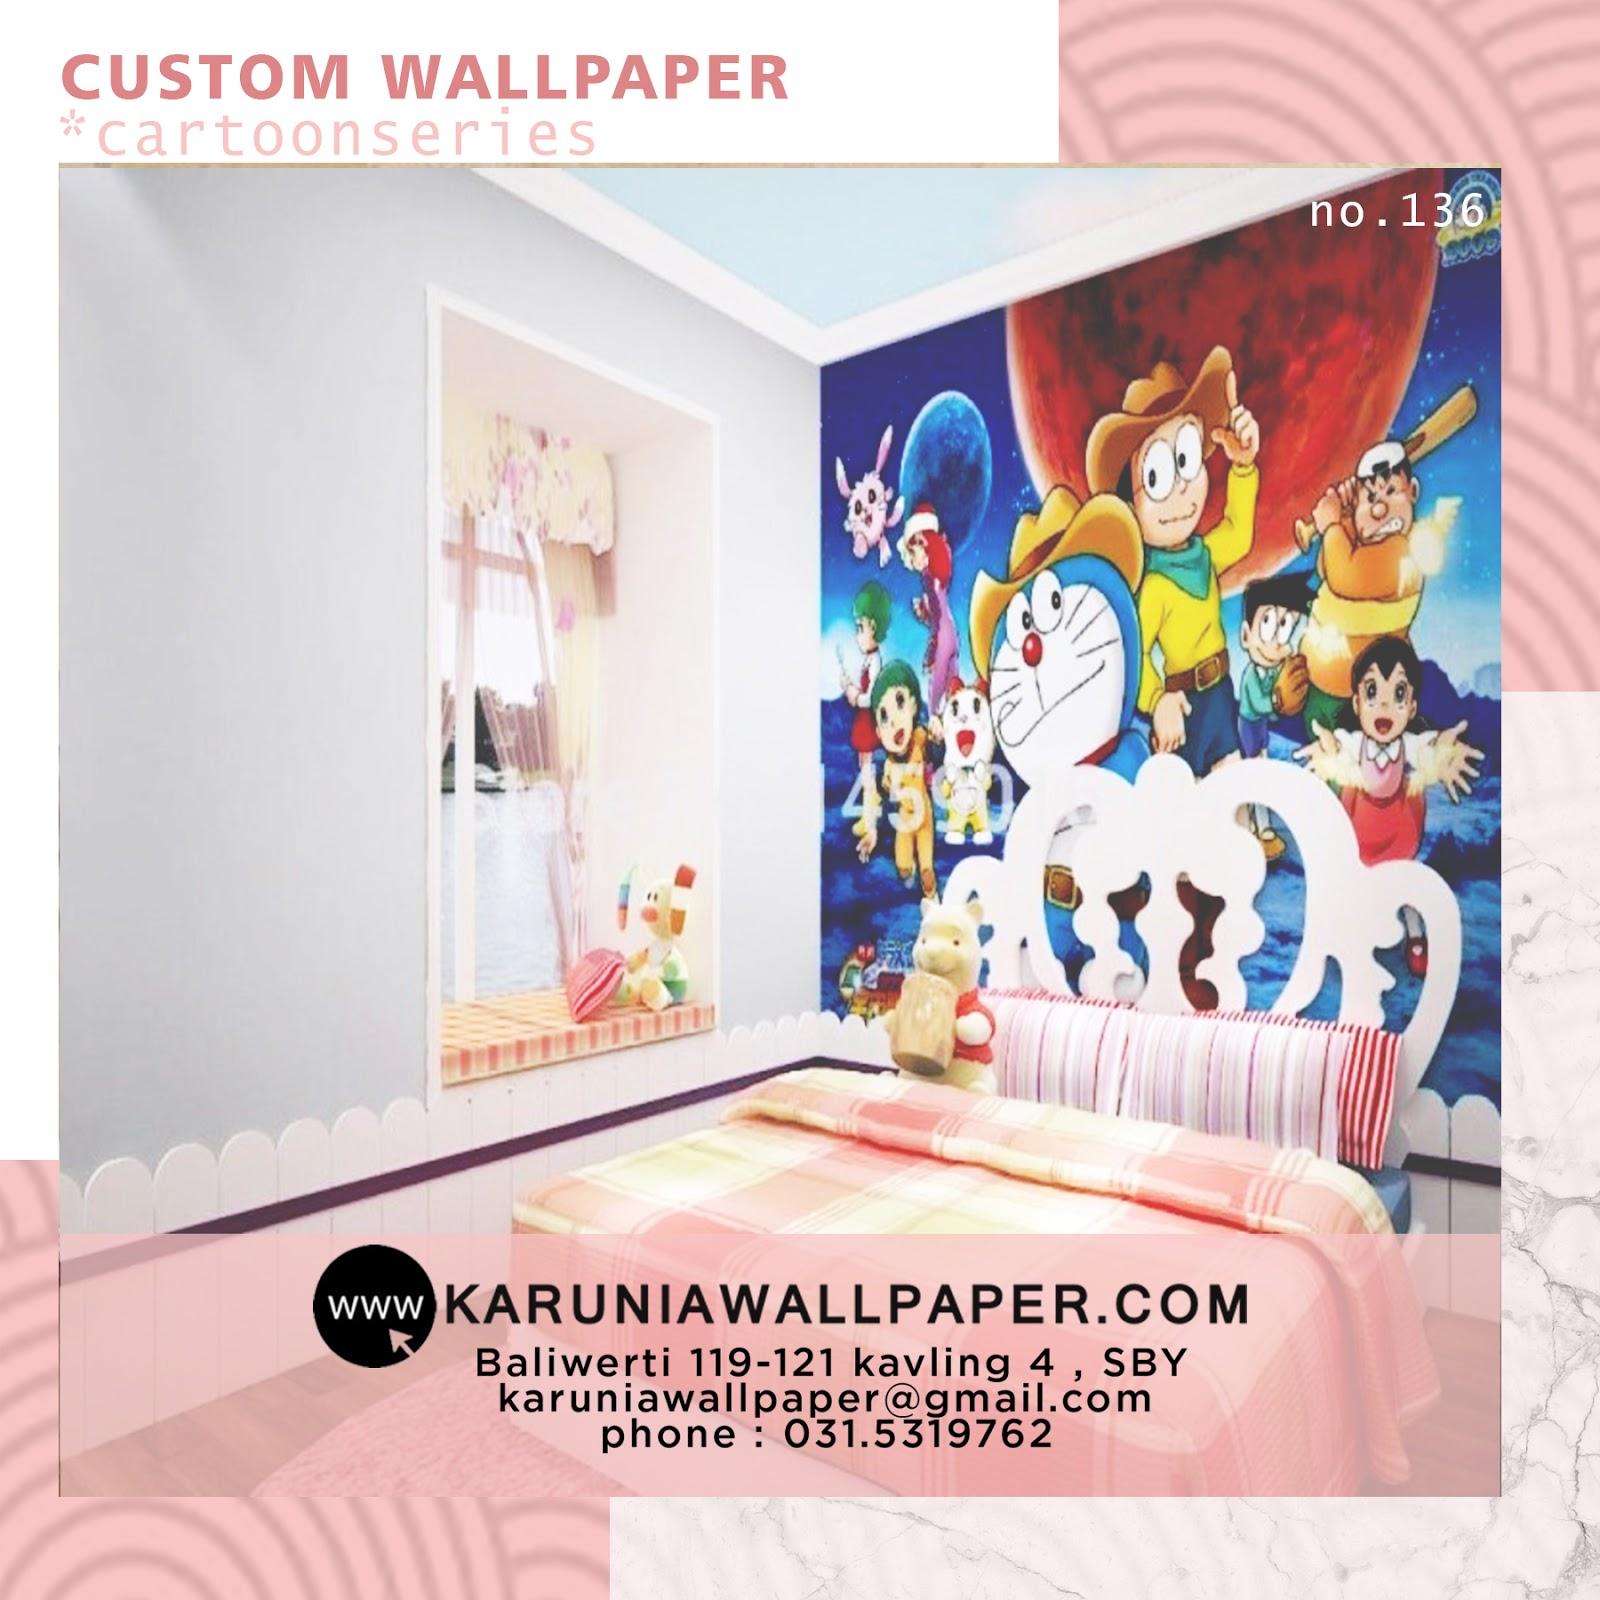 jual wallpaper lucu custom anak-anak